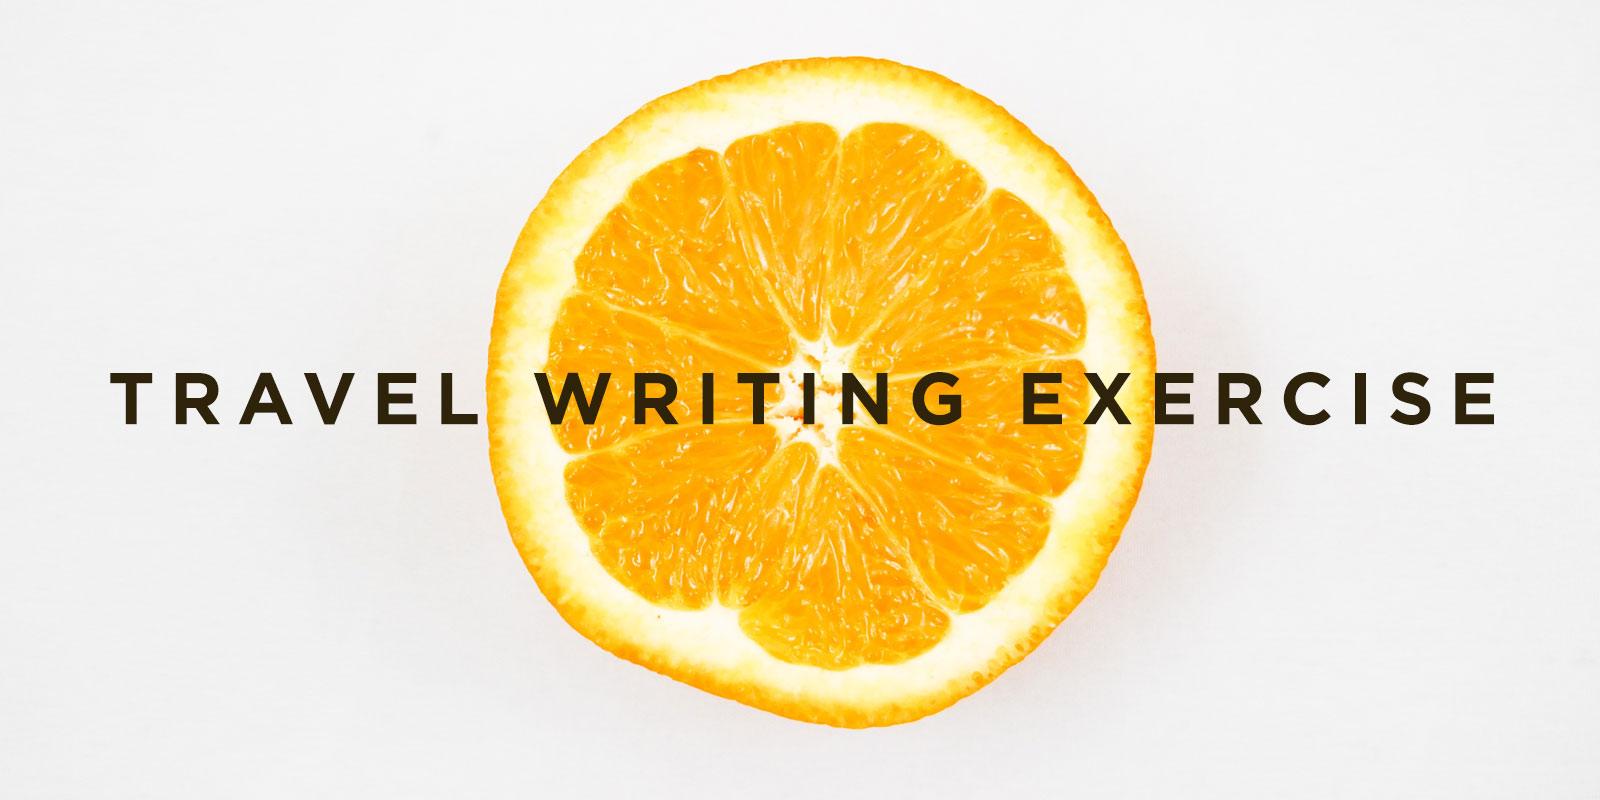 Travel-Writing-Exercise-Freelance-Honeymoon